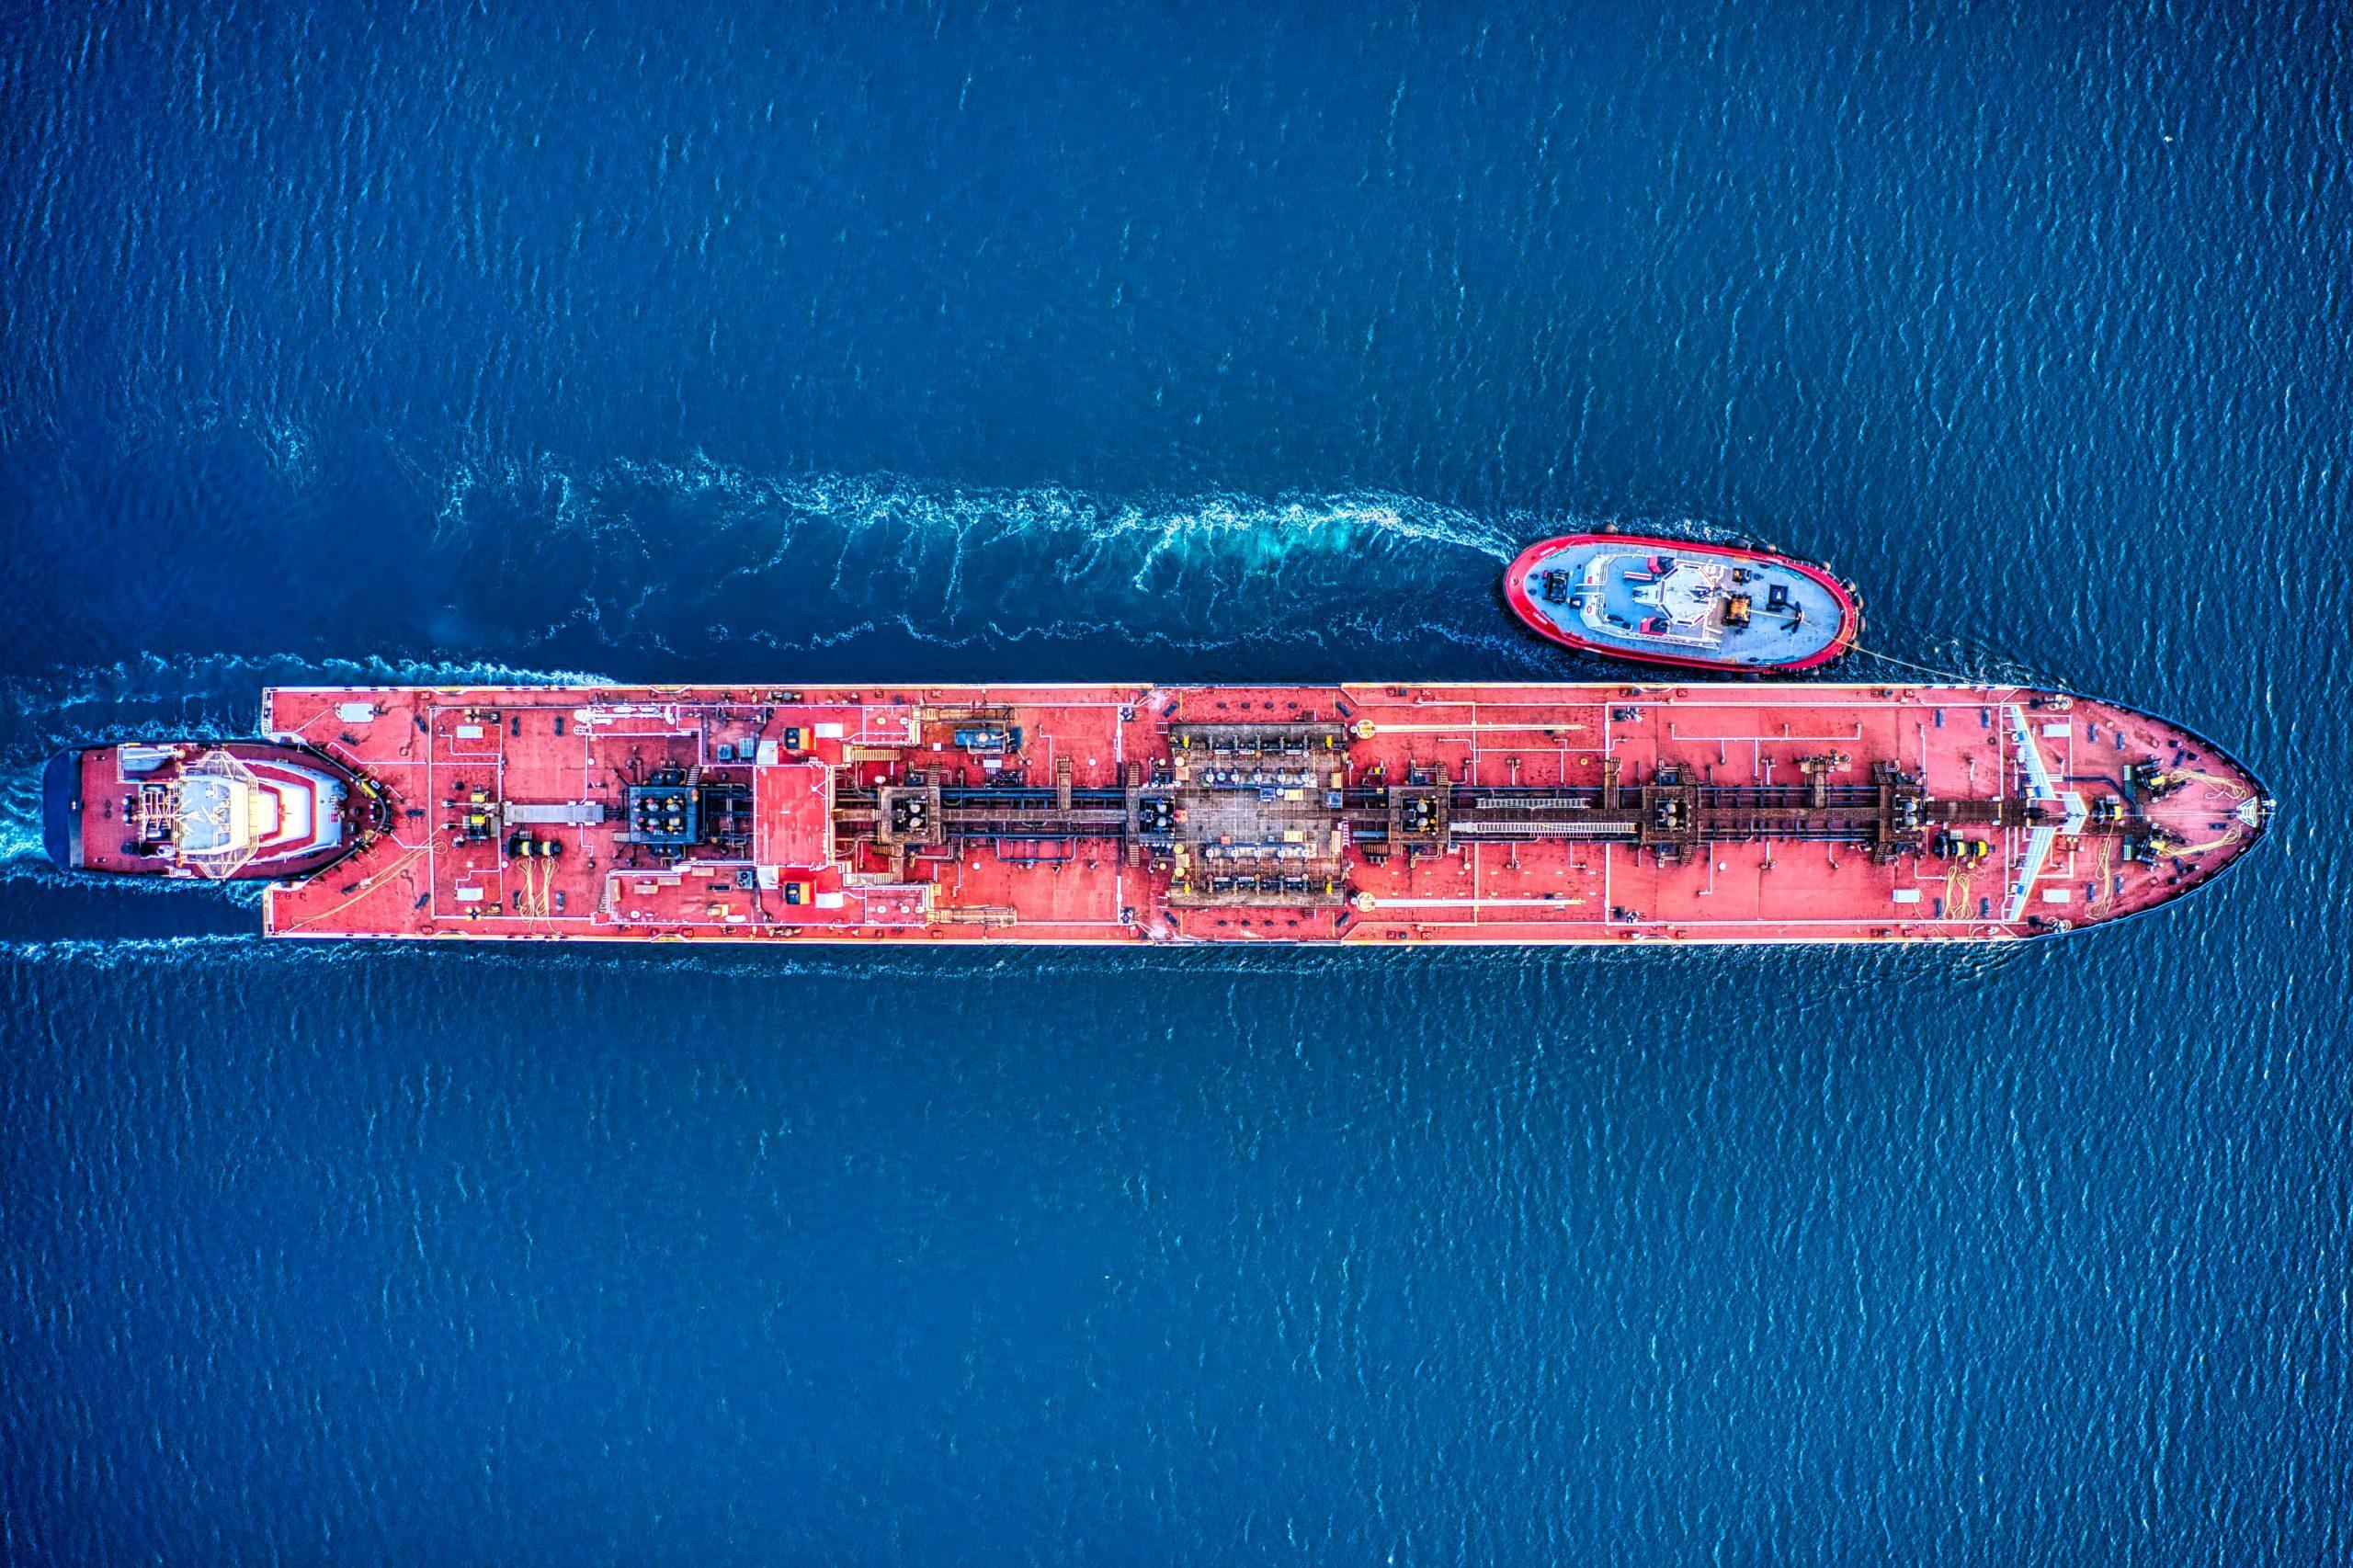 La industria naval podría neutralizar su huella de carbono, siguiendo este ambicioso plan